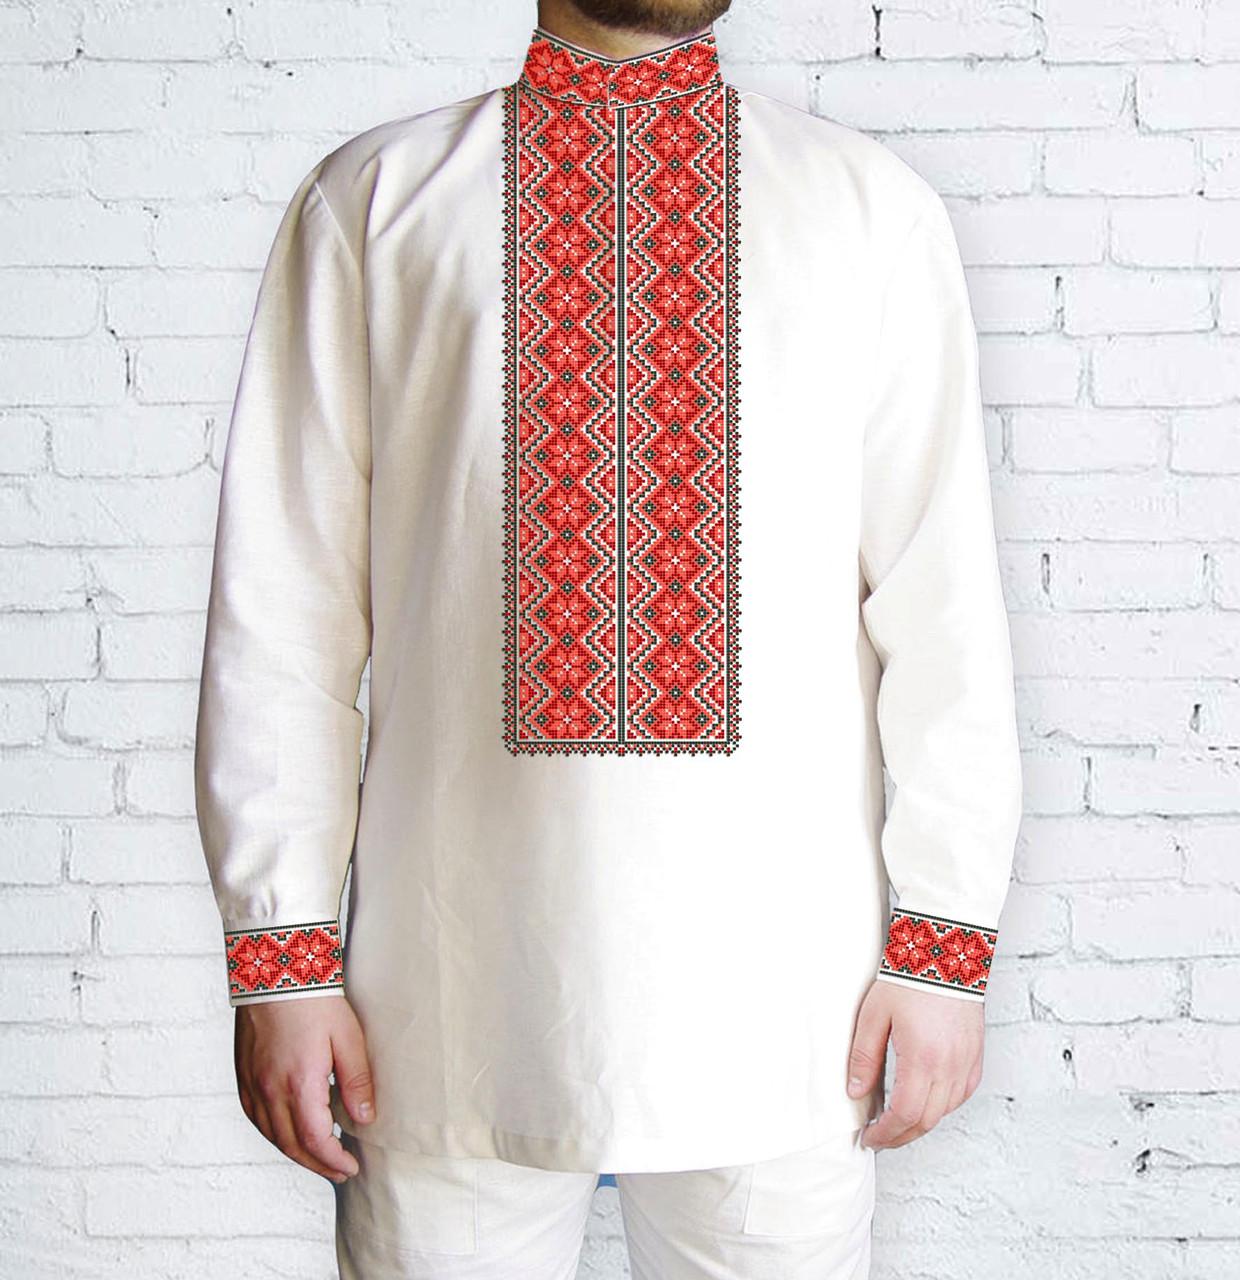 Заготовка чоловічої сорочки та вишиванки для вишивки чи вишивання бісером Бисерок «Ромби червоні 510 Ч» (Ч-510 Ч )